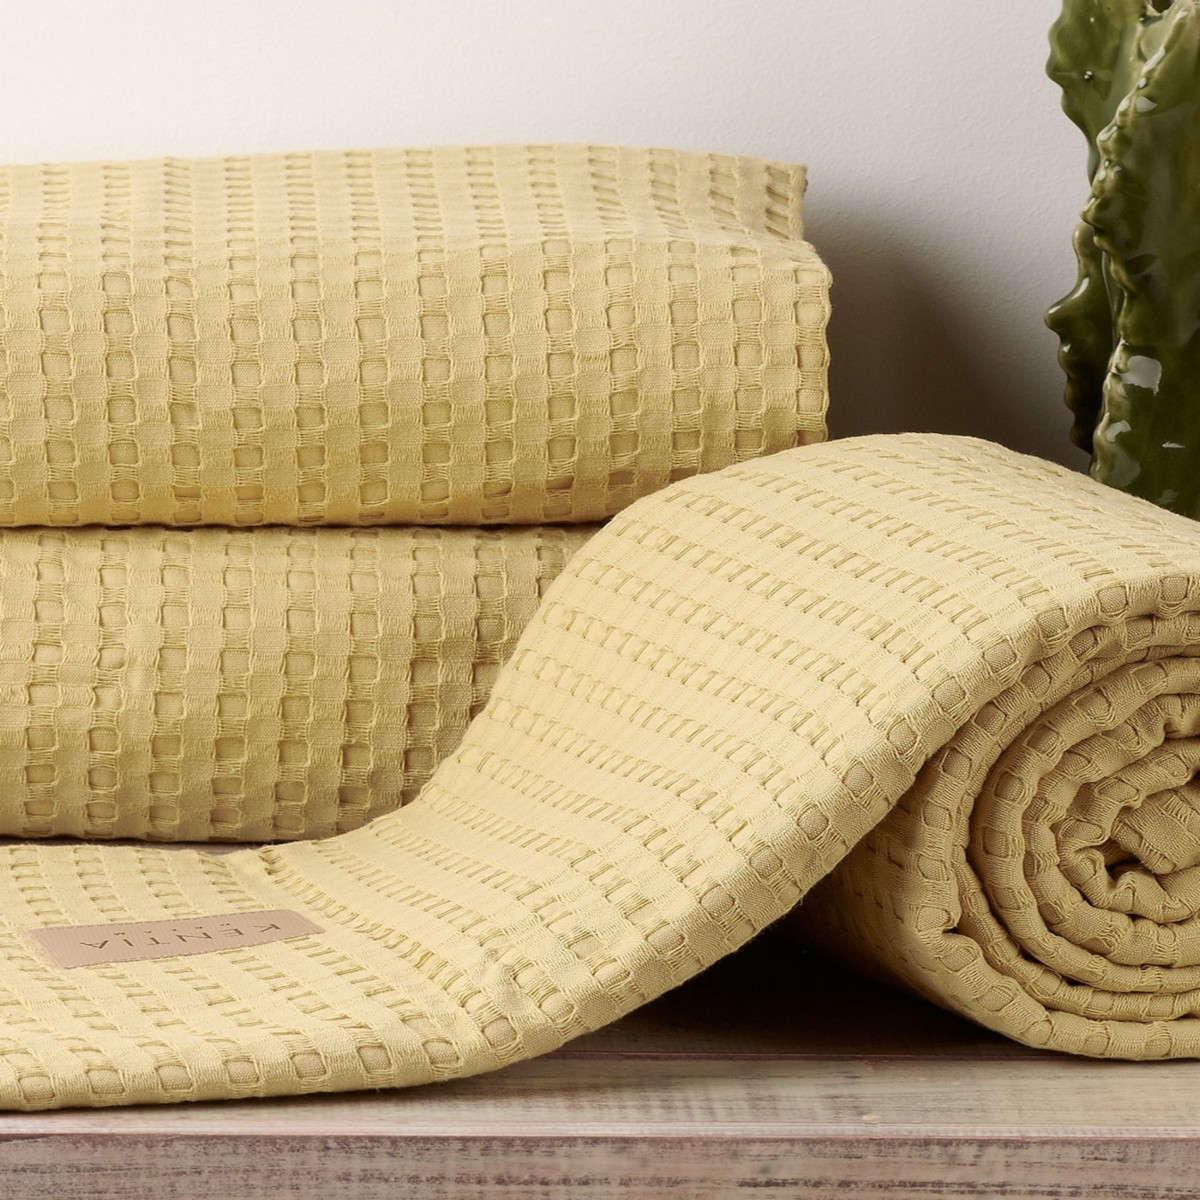 Κουβέρτα Soho 11 Yellow Kentia King Size 260x240cm